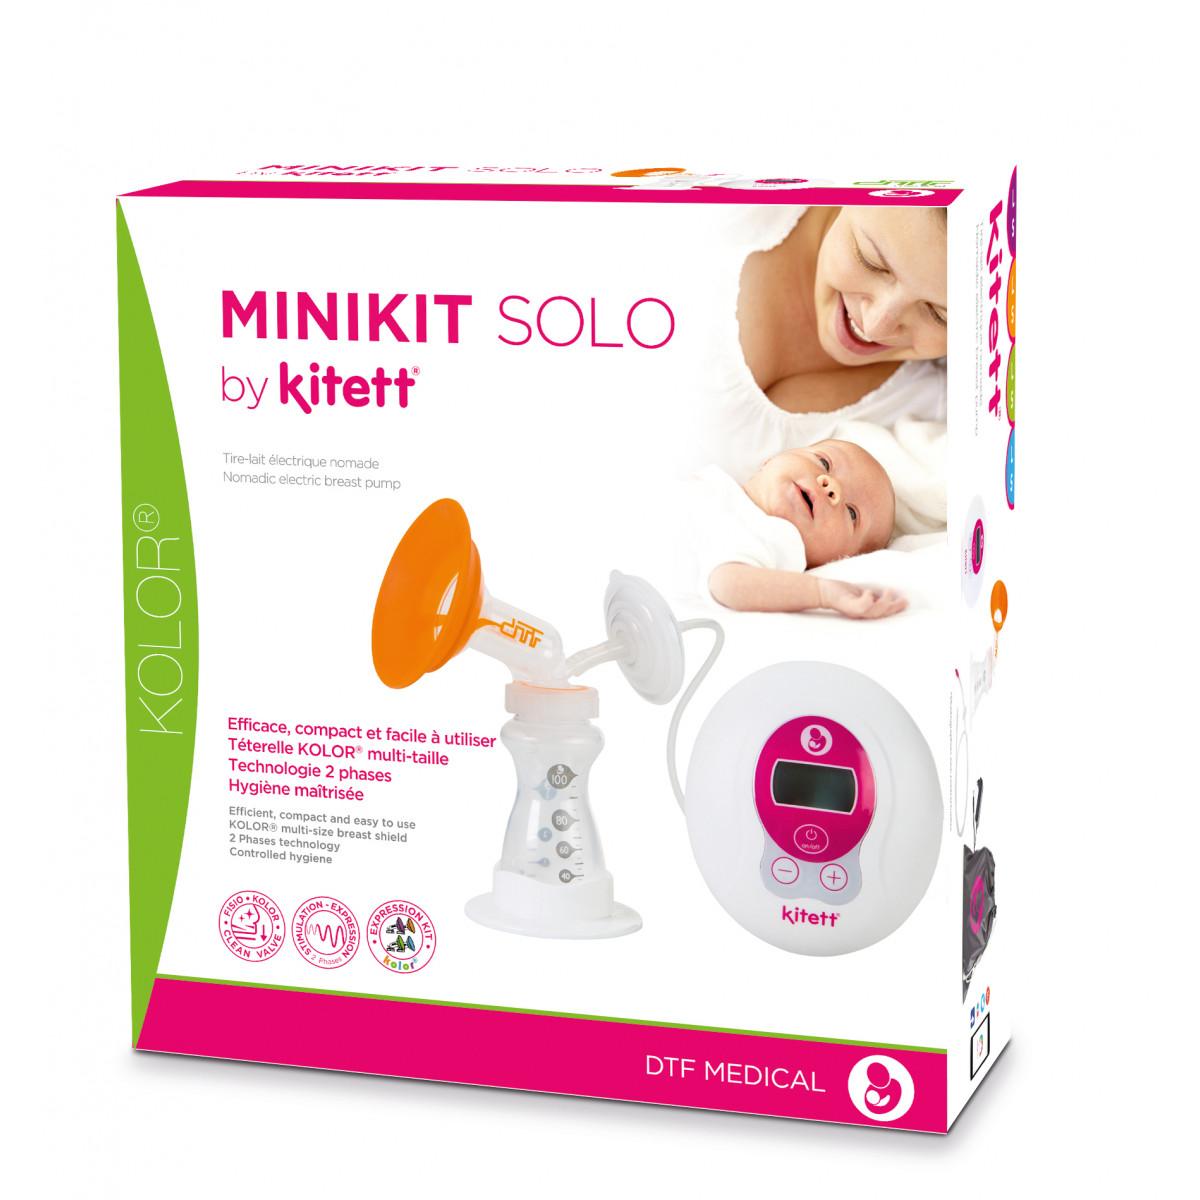 minikit-solo1630060469.jpg